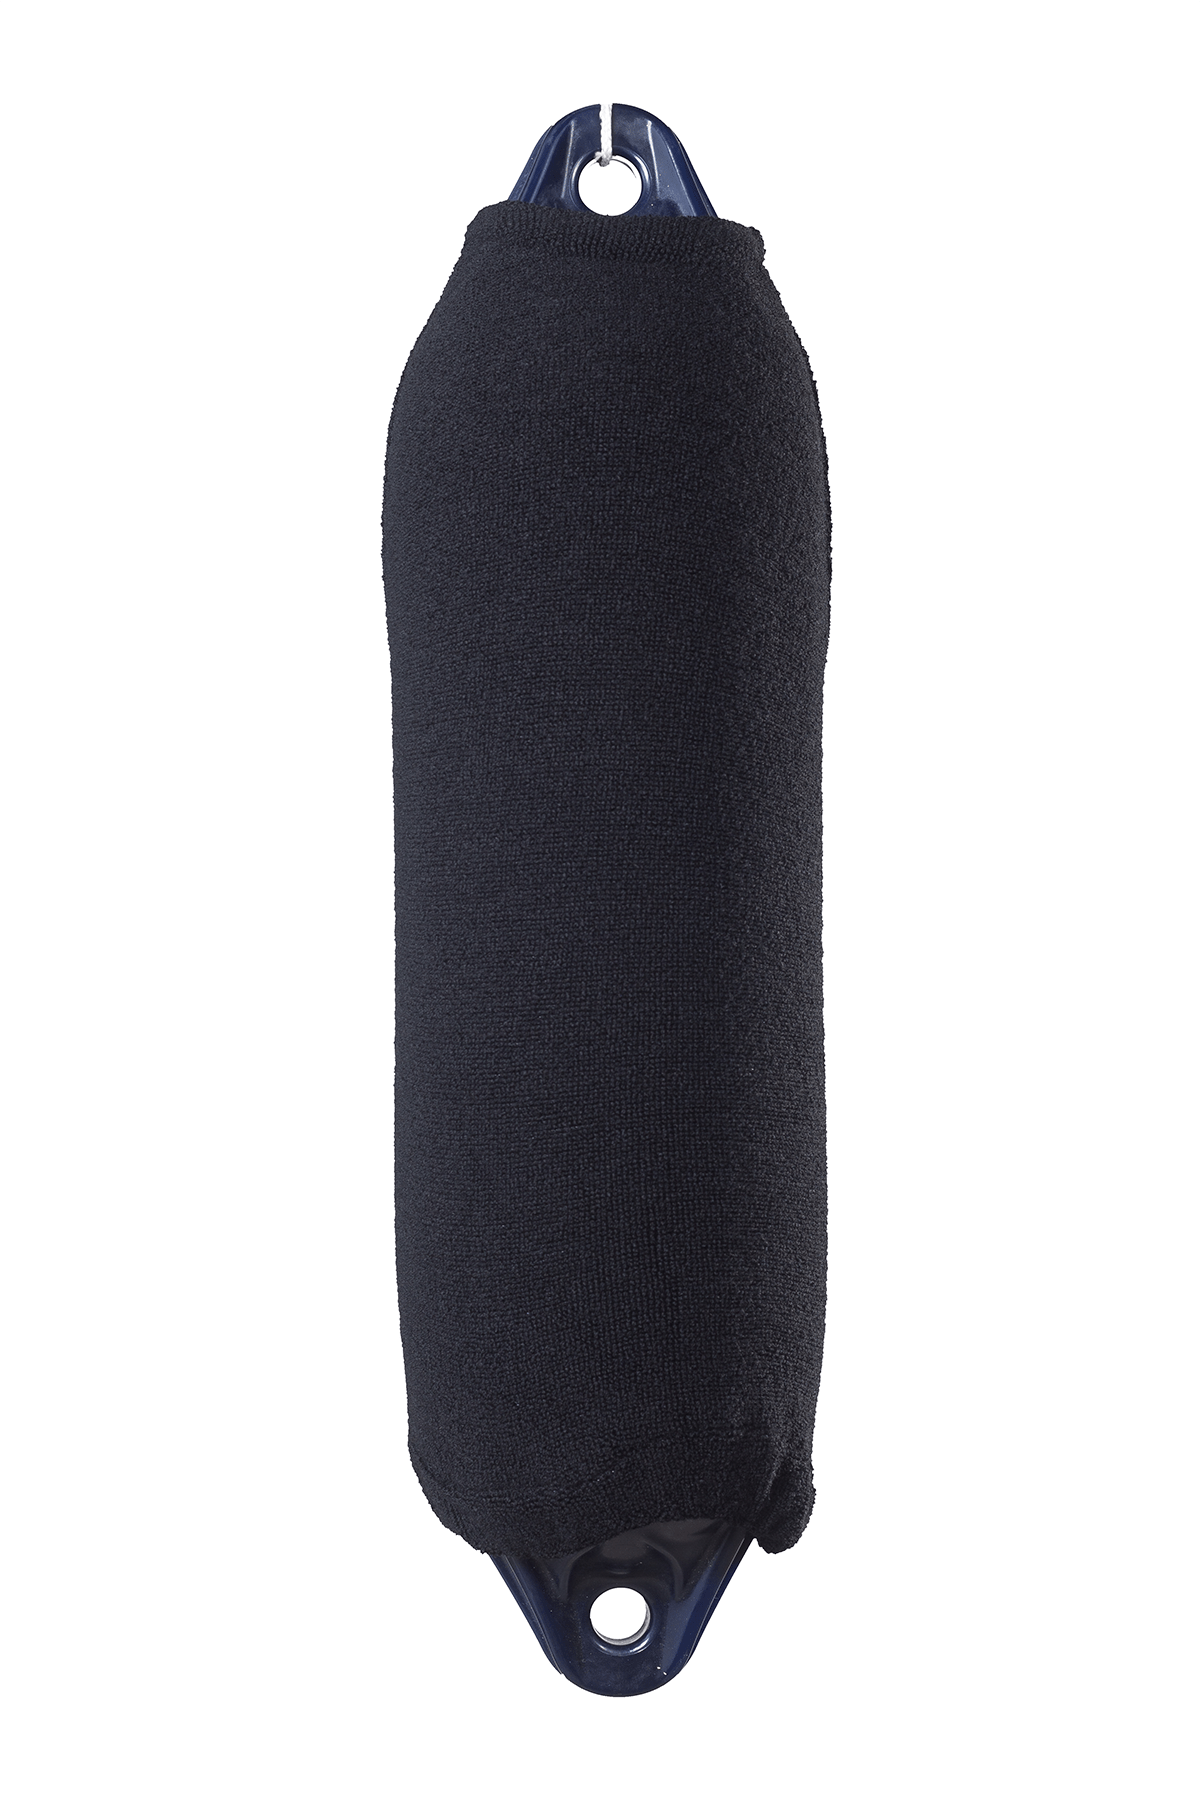 20.5 - Καλύμματα Μακρόστενων Μπαλονιών 40cm Χρώματος Μαύρου - Σετ Των 2 Τεμαχίων